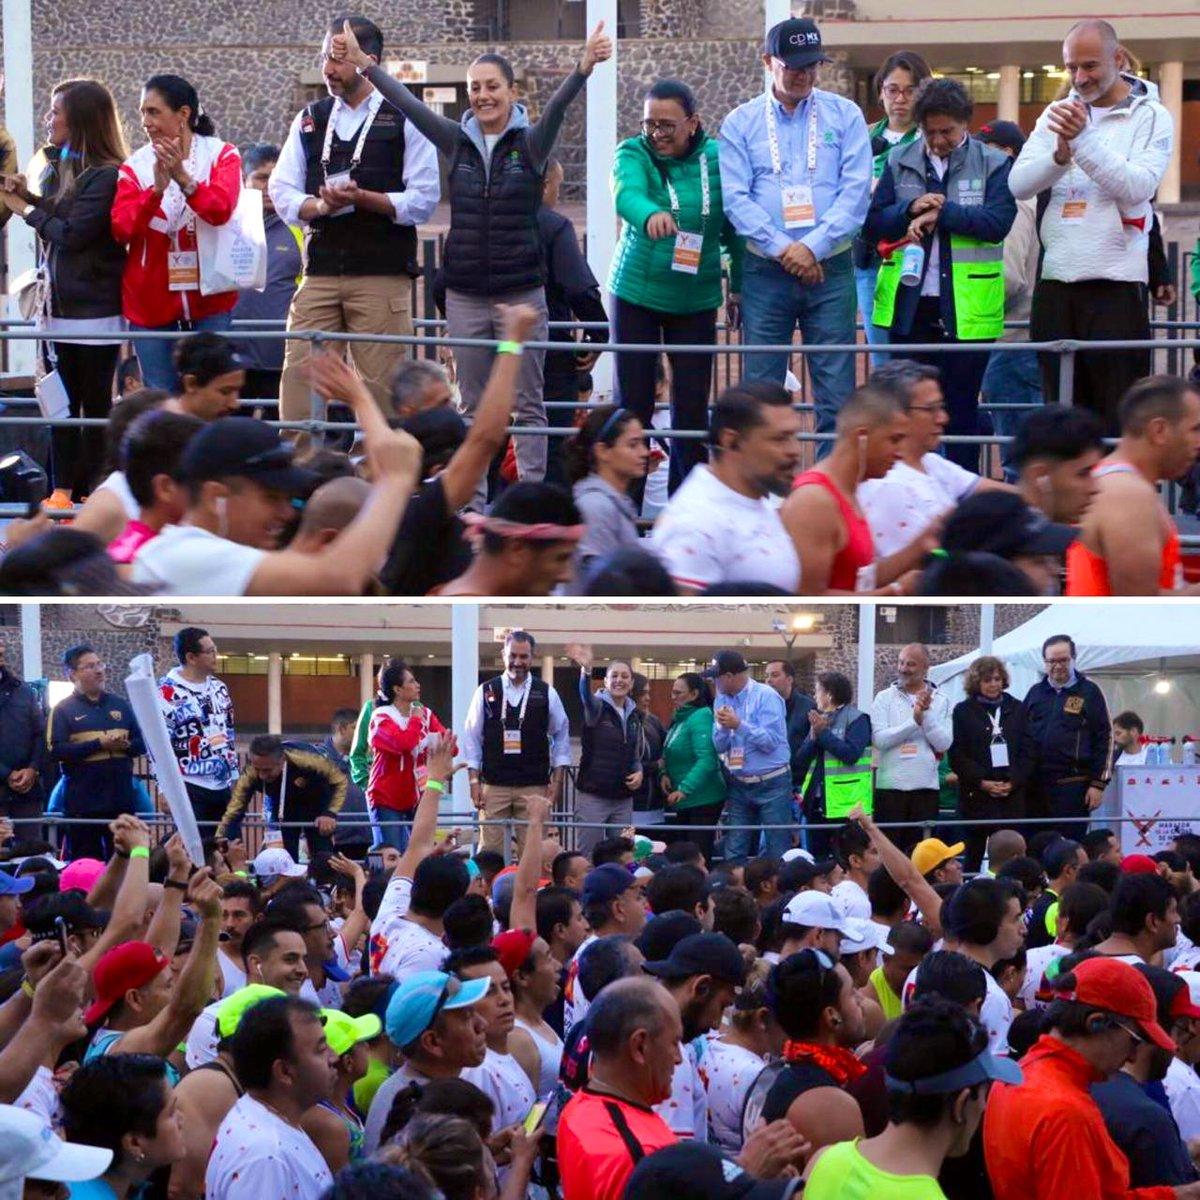 ¡Éxito corredores, nos vemos en la meta! #MaratónCDMX2019